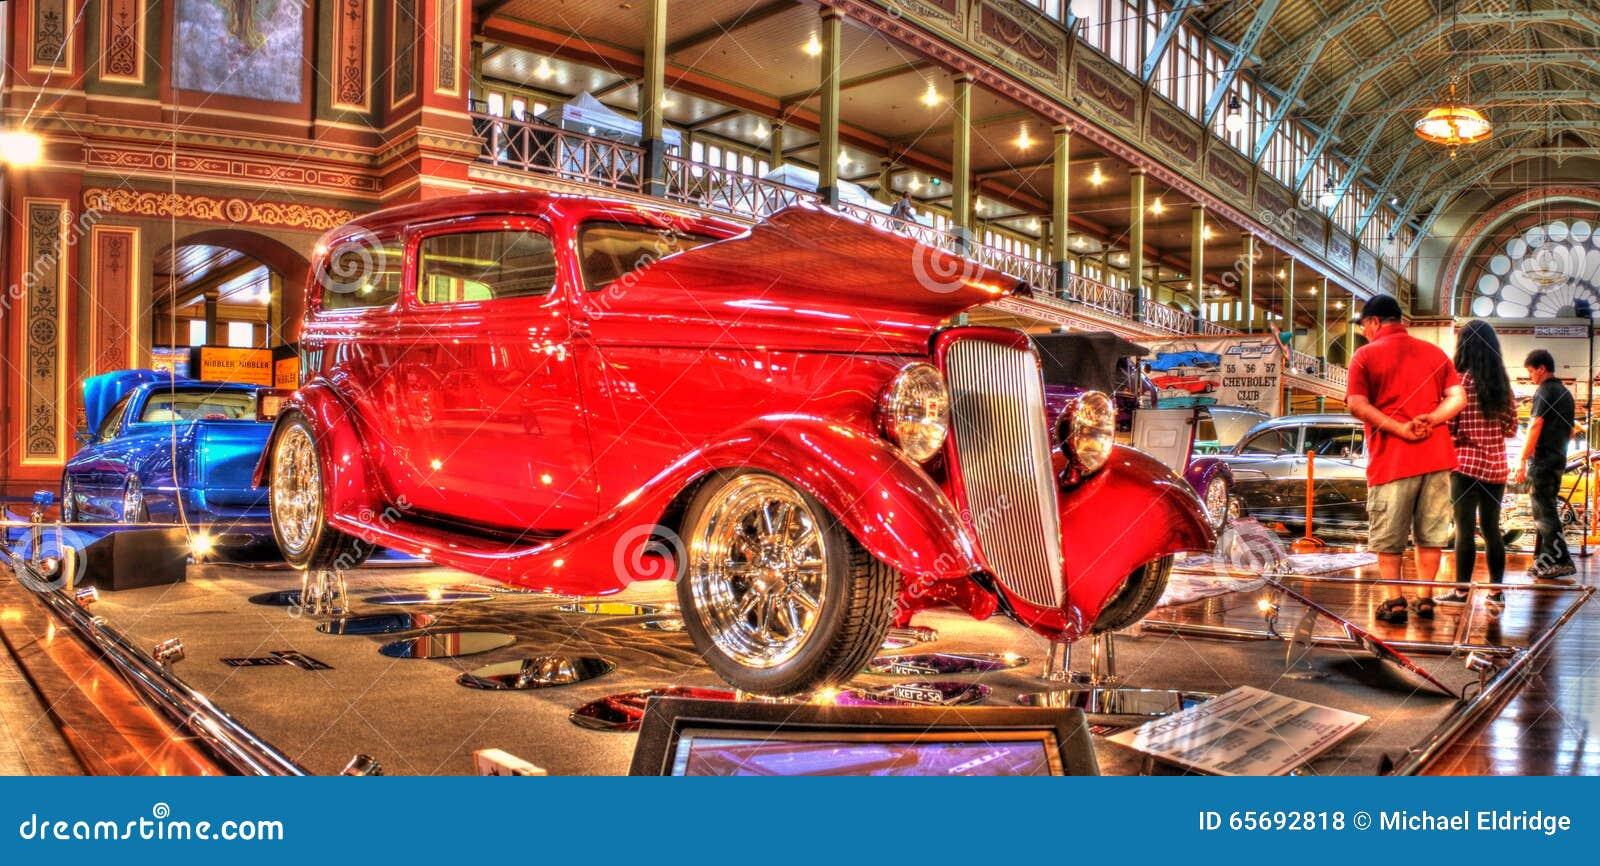 Car Show Melbourne Exhibition Building